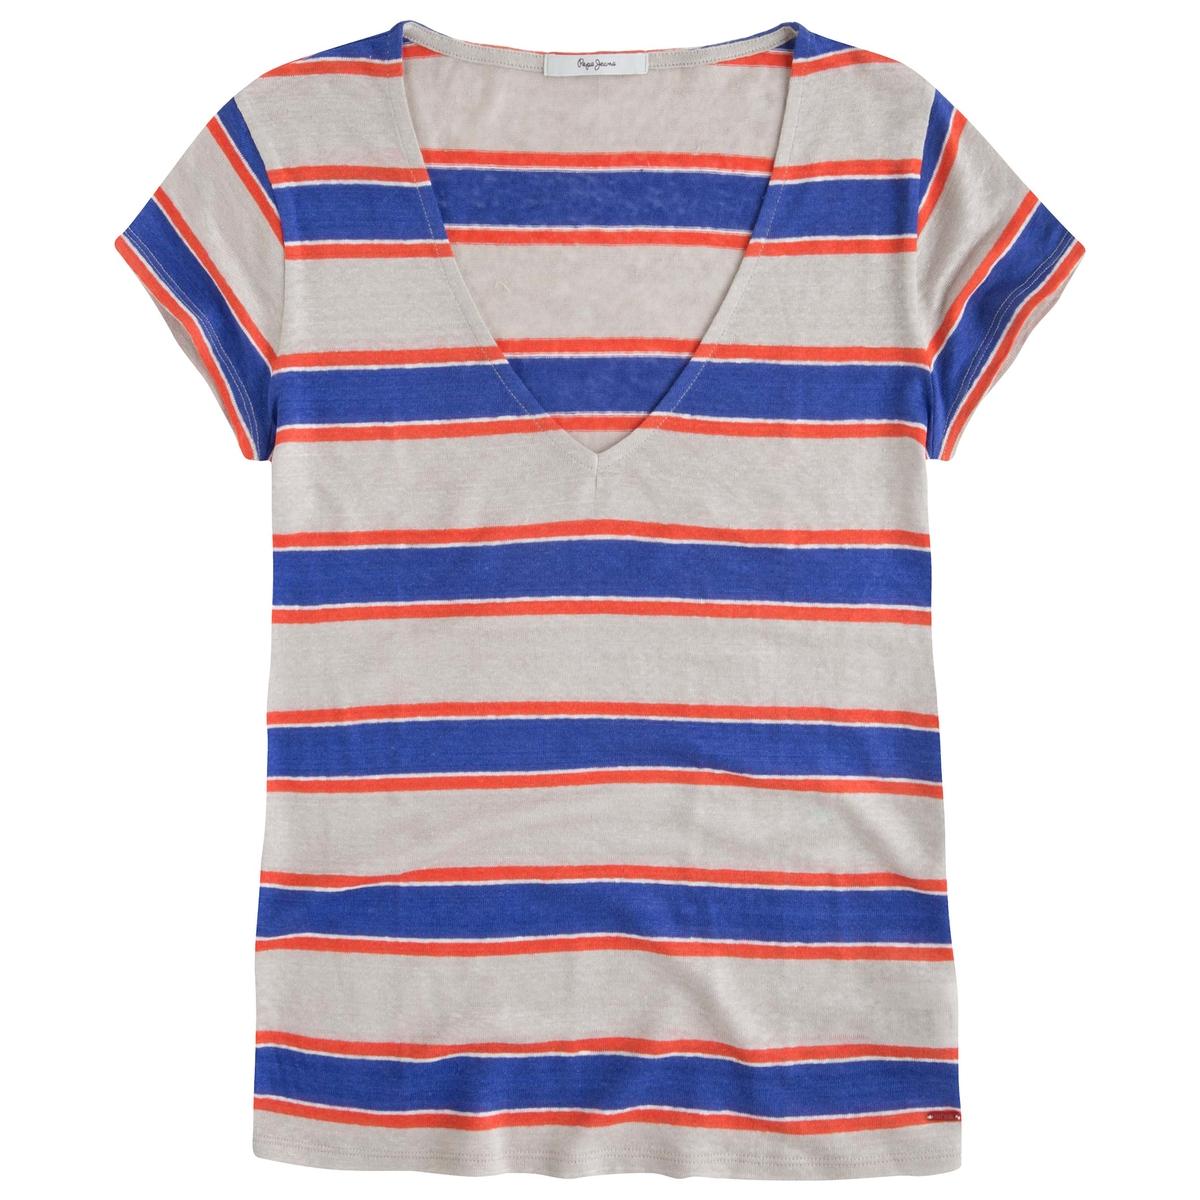 Футболка Celeste, 100% ленФутболка с рисунком в полоску Celeste от Pepe jeans. 100% лен. Короткие рукава.Состав и описаниеМарка: PEPE JEANS.Модель: Celeste.Материалы: 100% лен.УходСтирать при 30°Cс вещами подобных цветов.<br><br>Цвет: в полоску<br>Размер: L